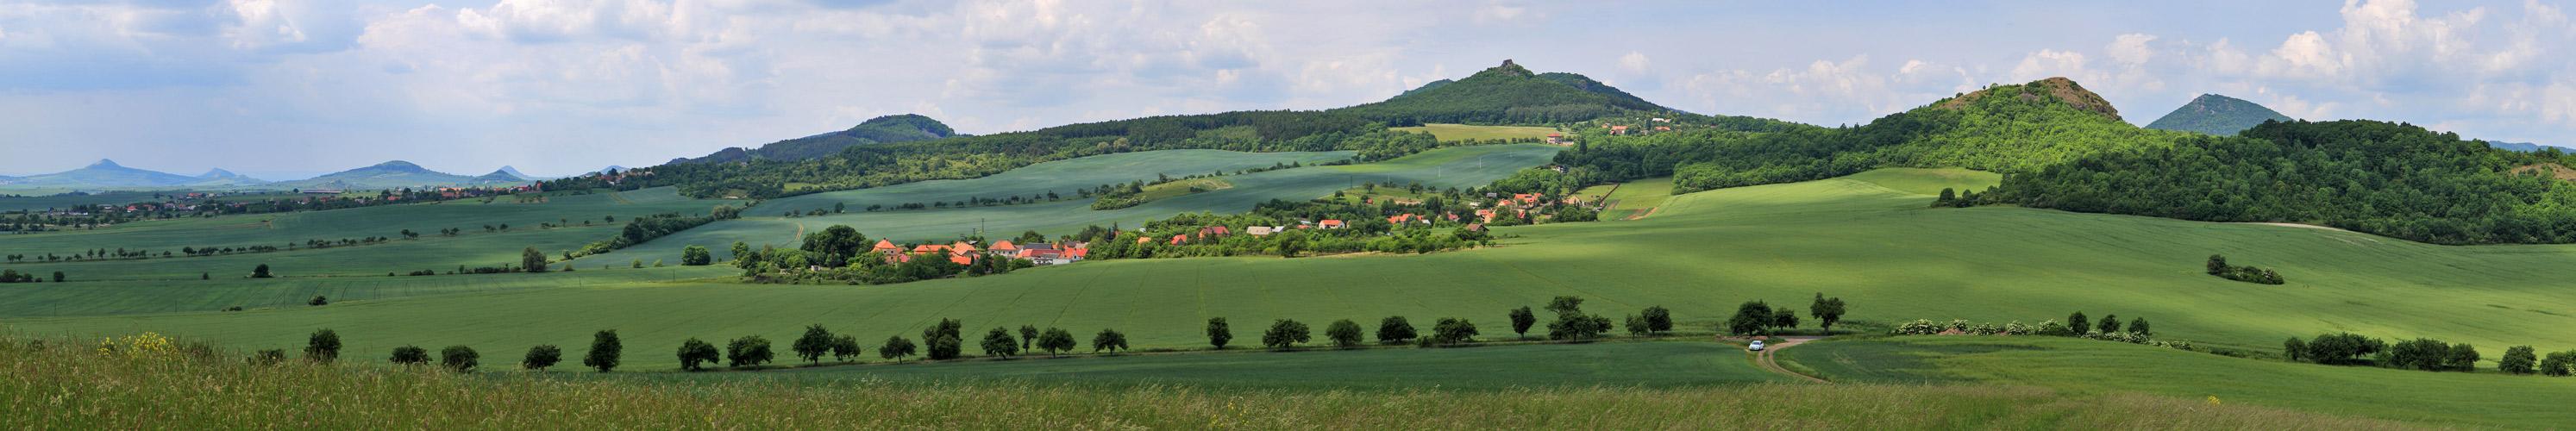 """Vom """"Steppenberg Oblik bis zum Kostalov mit der Burgruine, wobei..."""